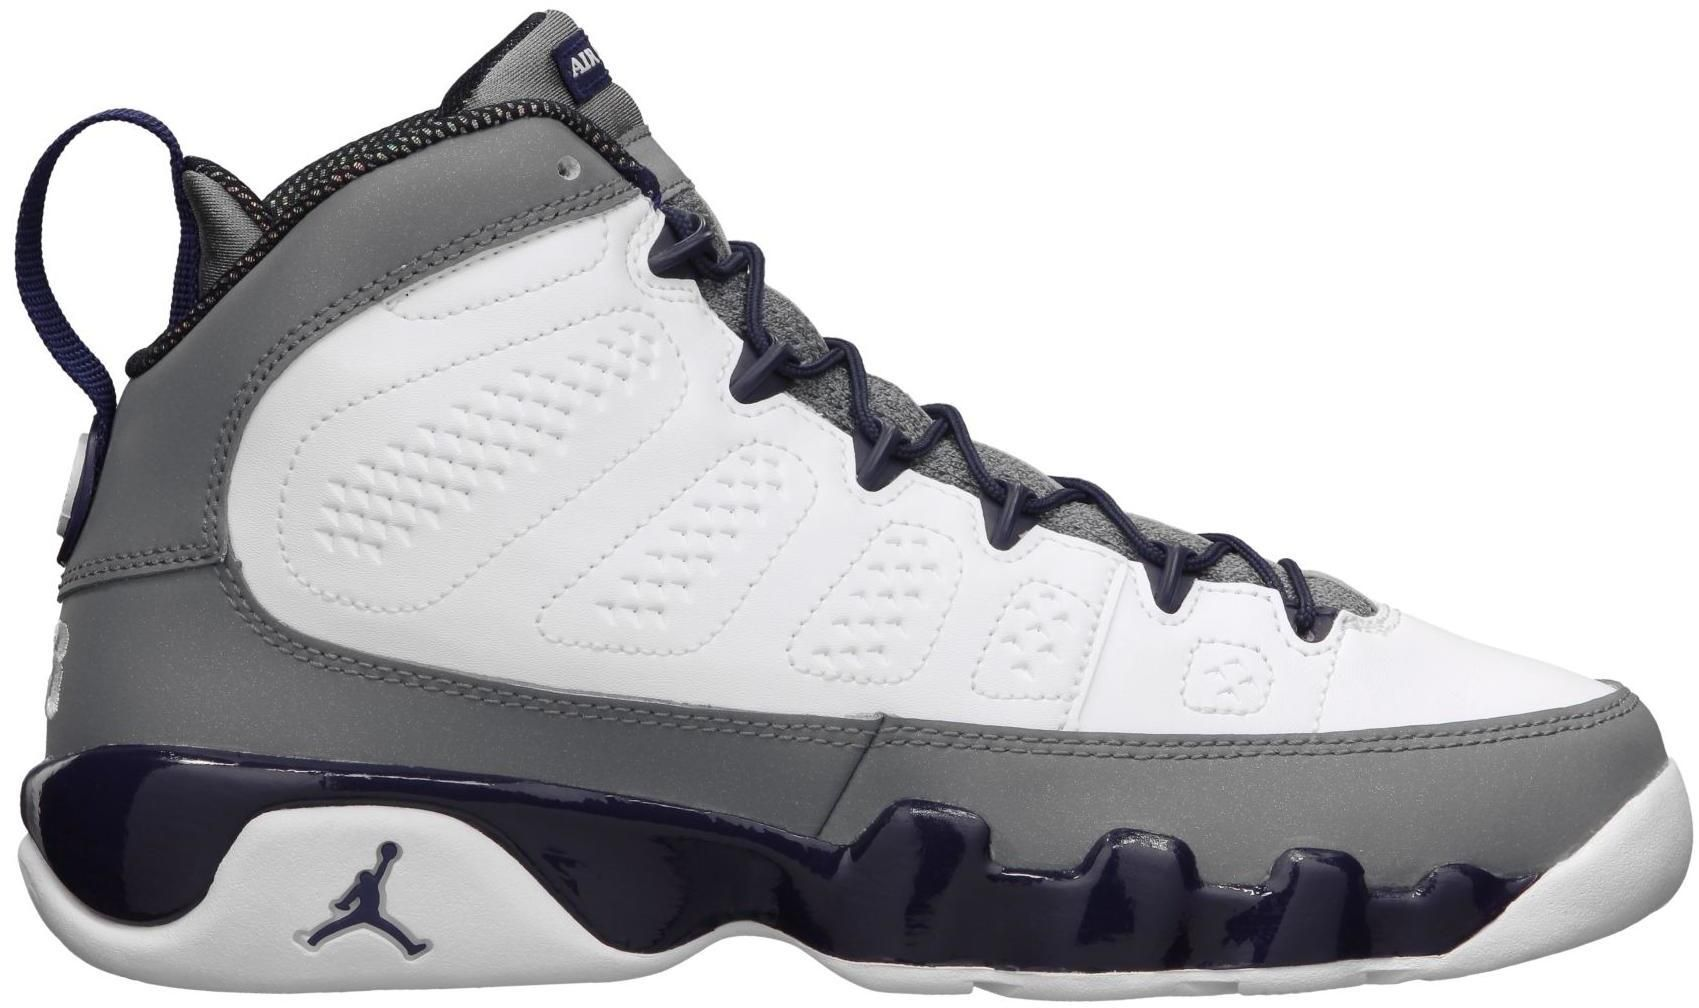 Jordan Air 9 Retro Sneakers In White